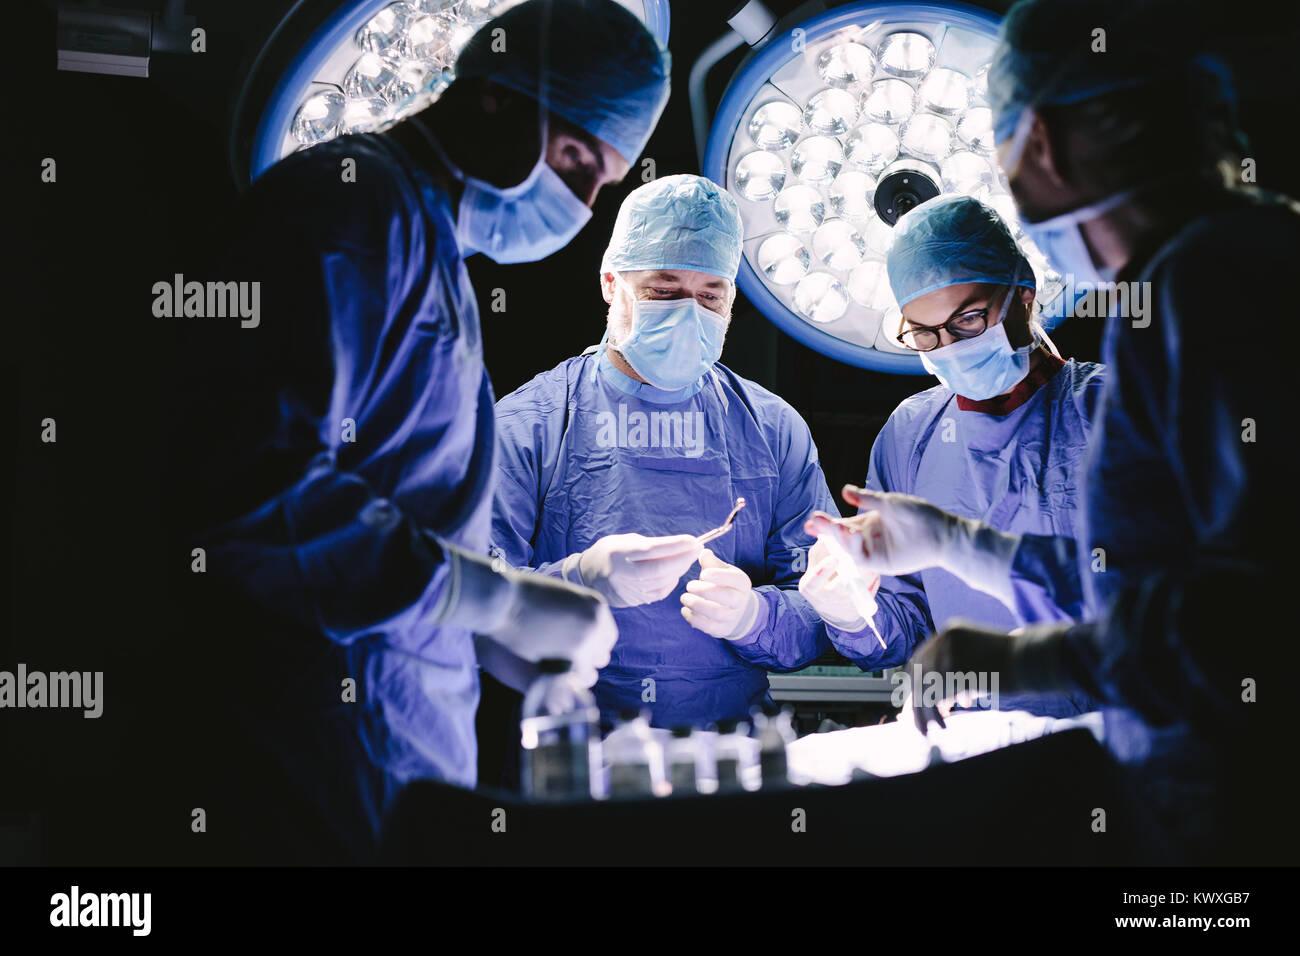 Groupe de professionnels de l'intervention en salle d'opération. Équipe de médecins à Photo Stock